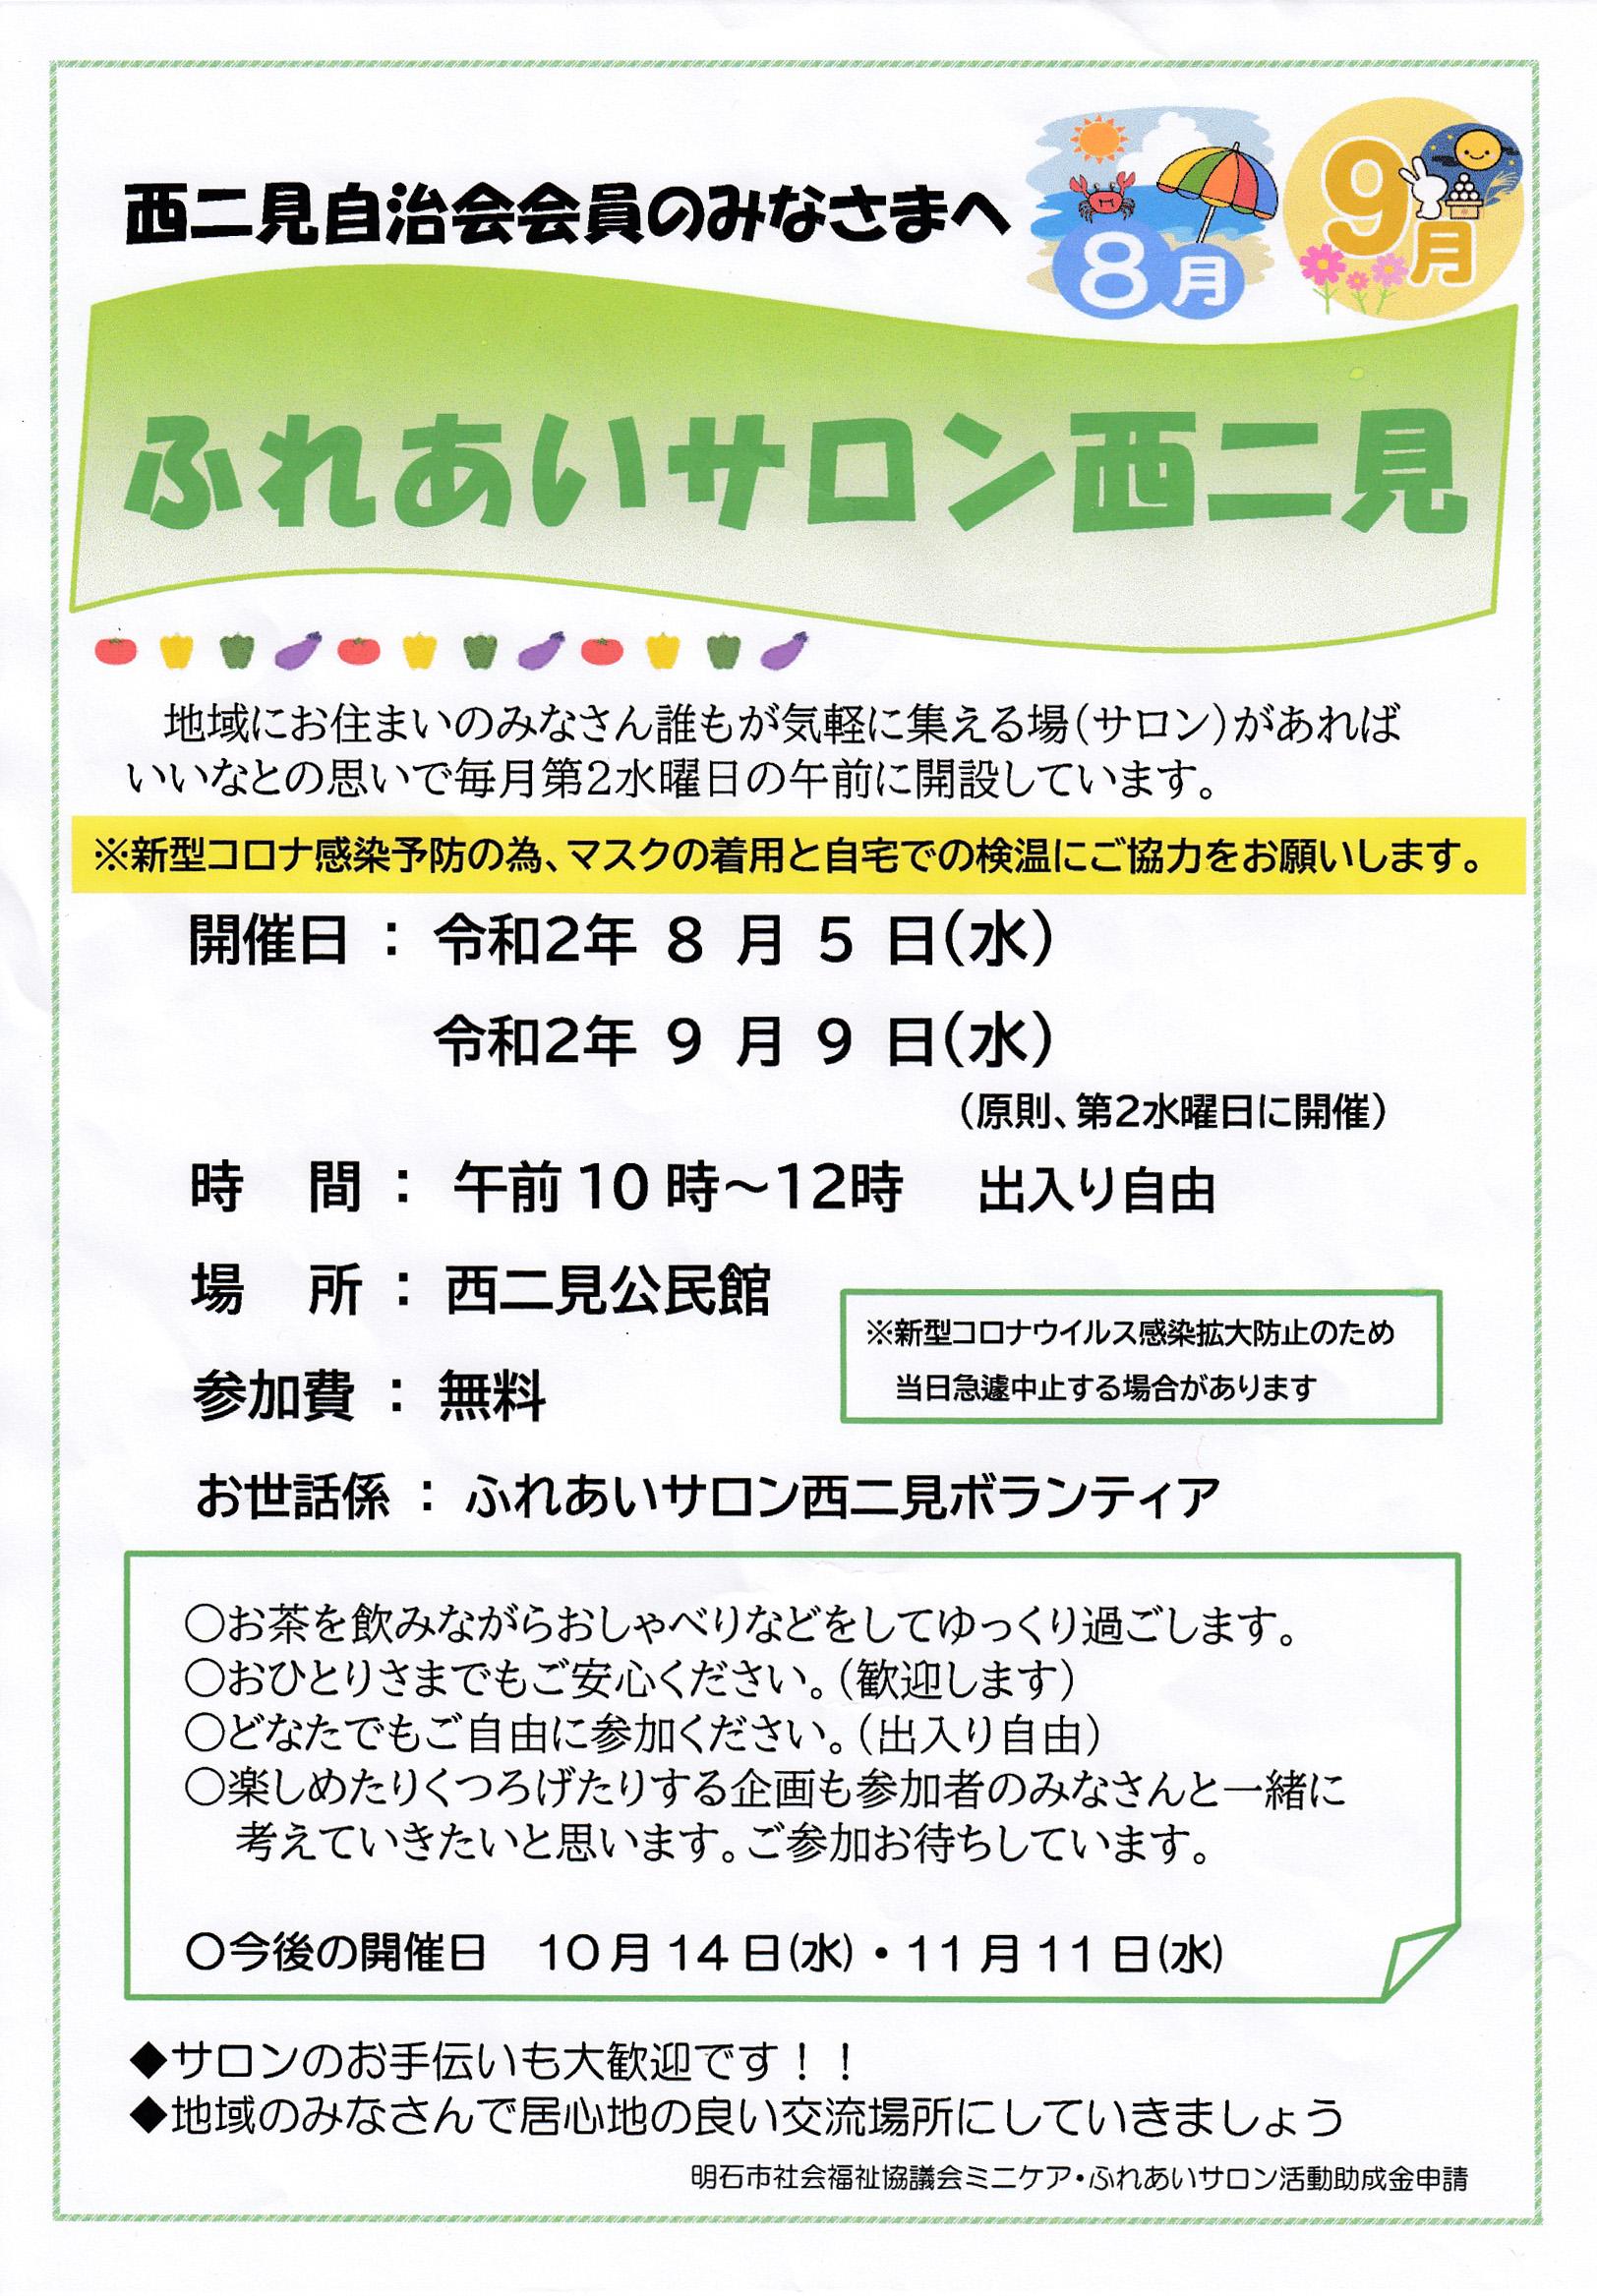 天気 明石 予報 日 10